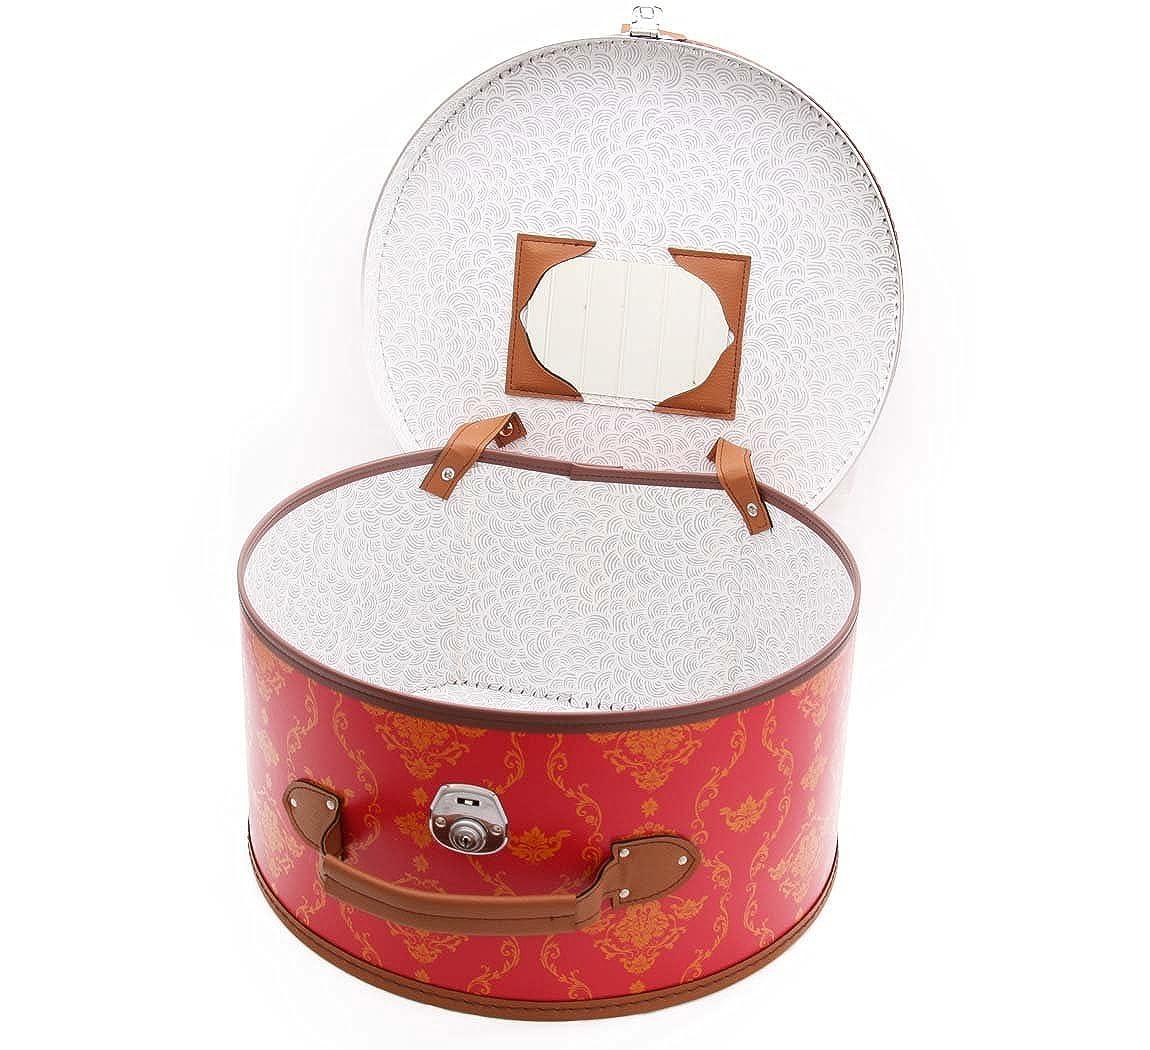 Wegener Bo/îte /à Chapeaux R/étro Leather Hat